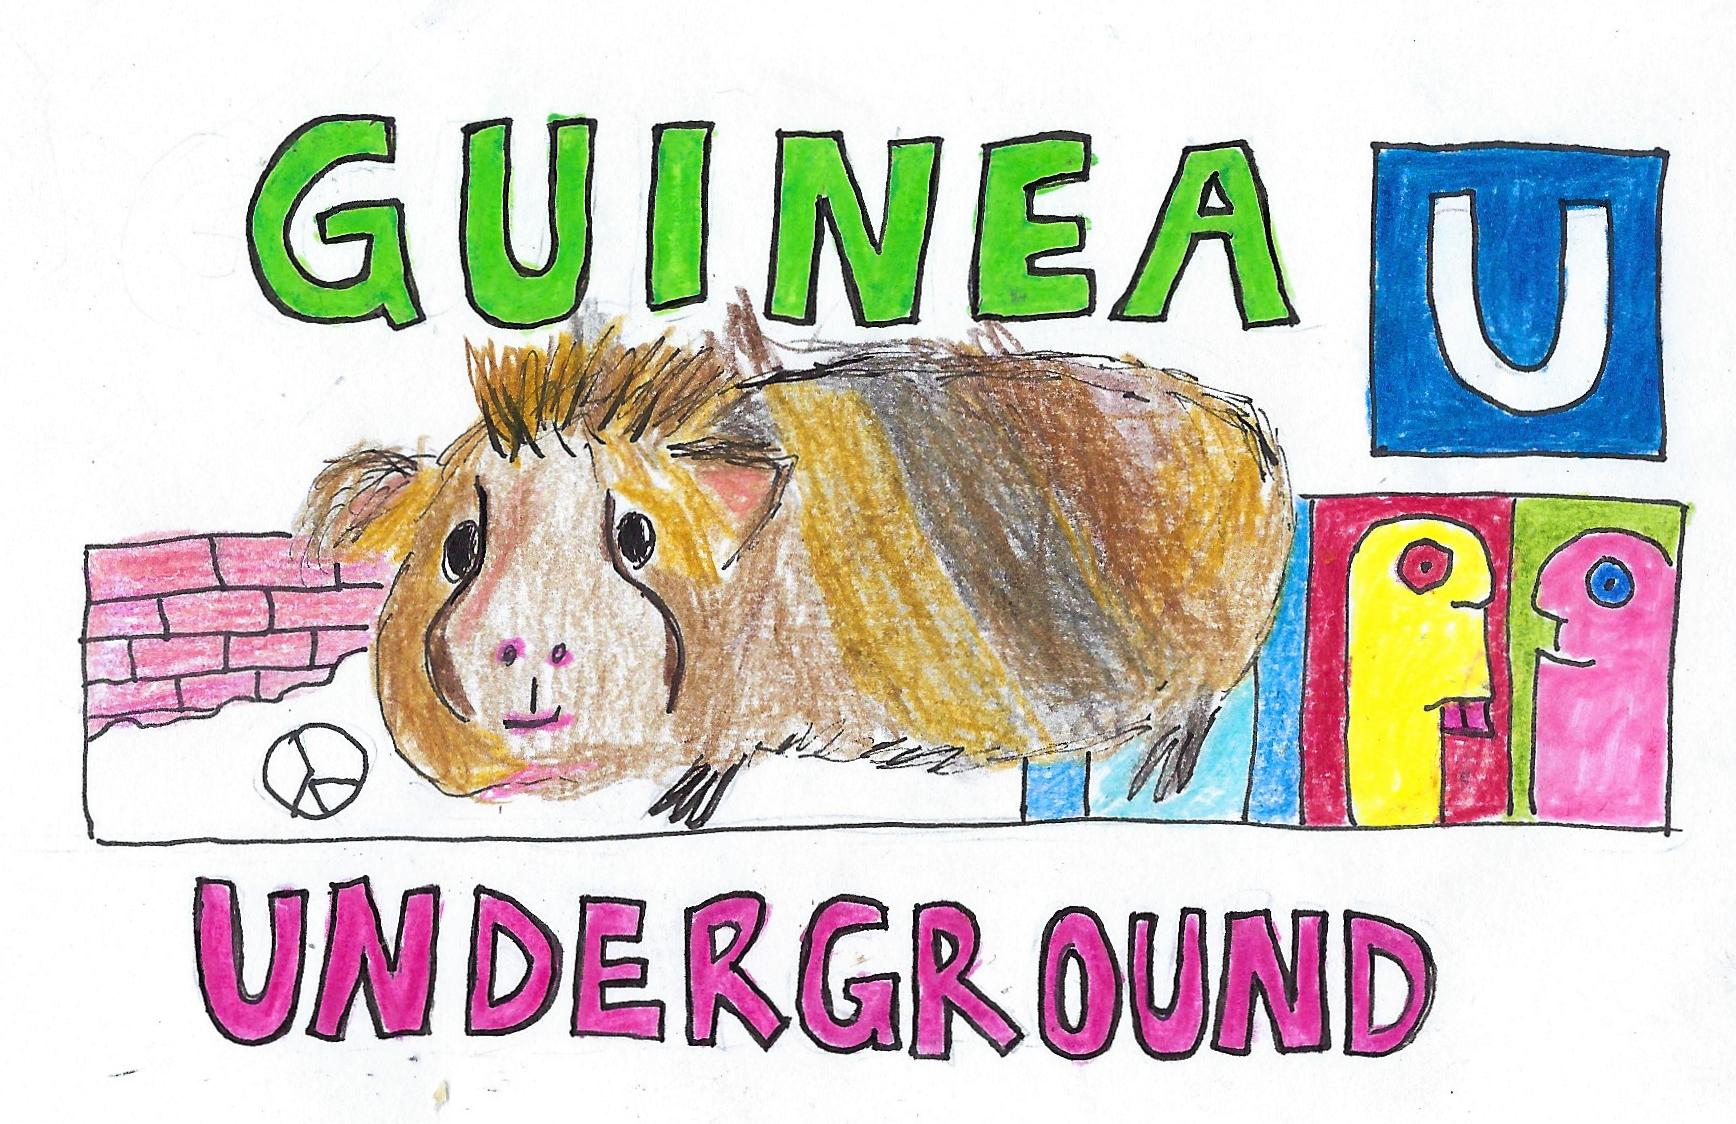 Ein Meerschweinchen neben einem U-Bahn Einfang